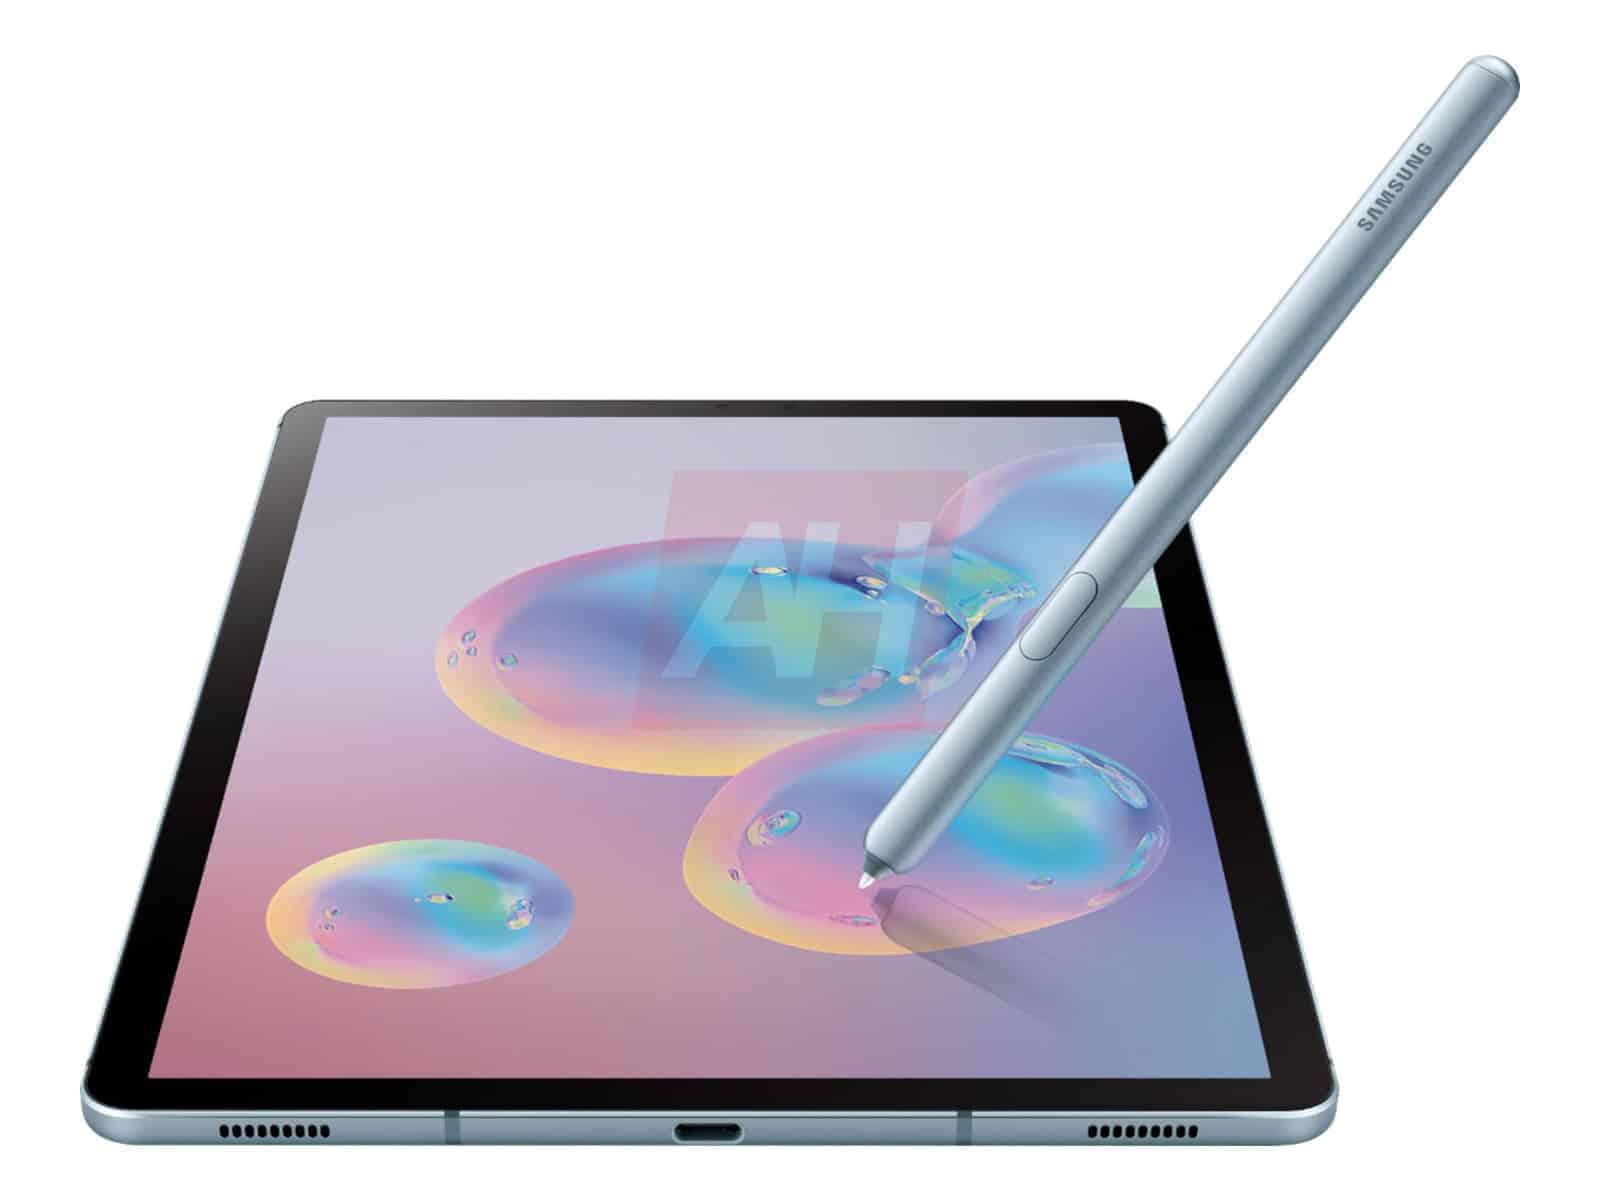 Samsung Galaxy Tab S6 Leak Blue 5